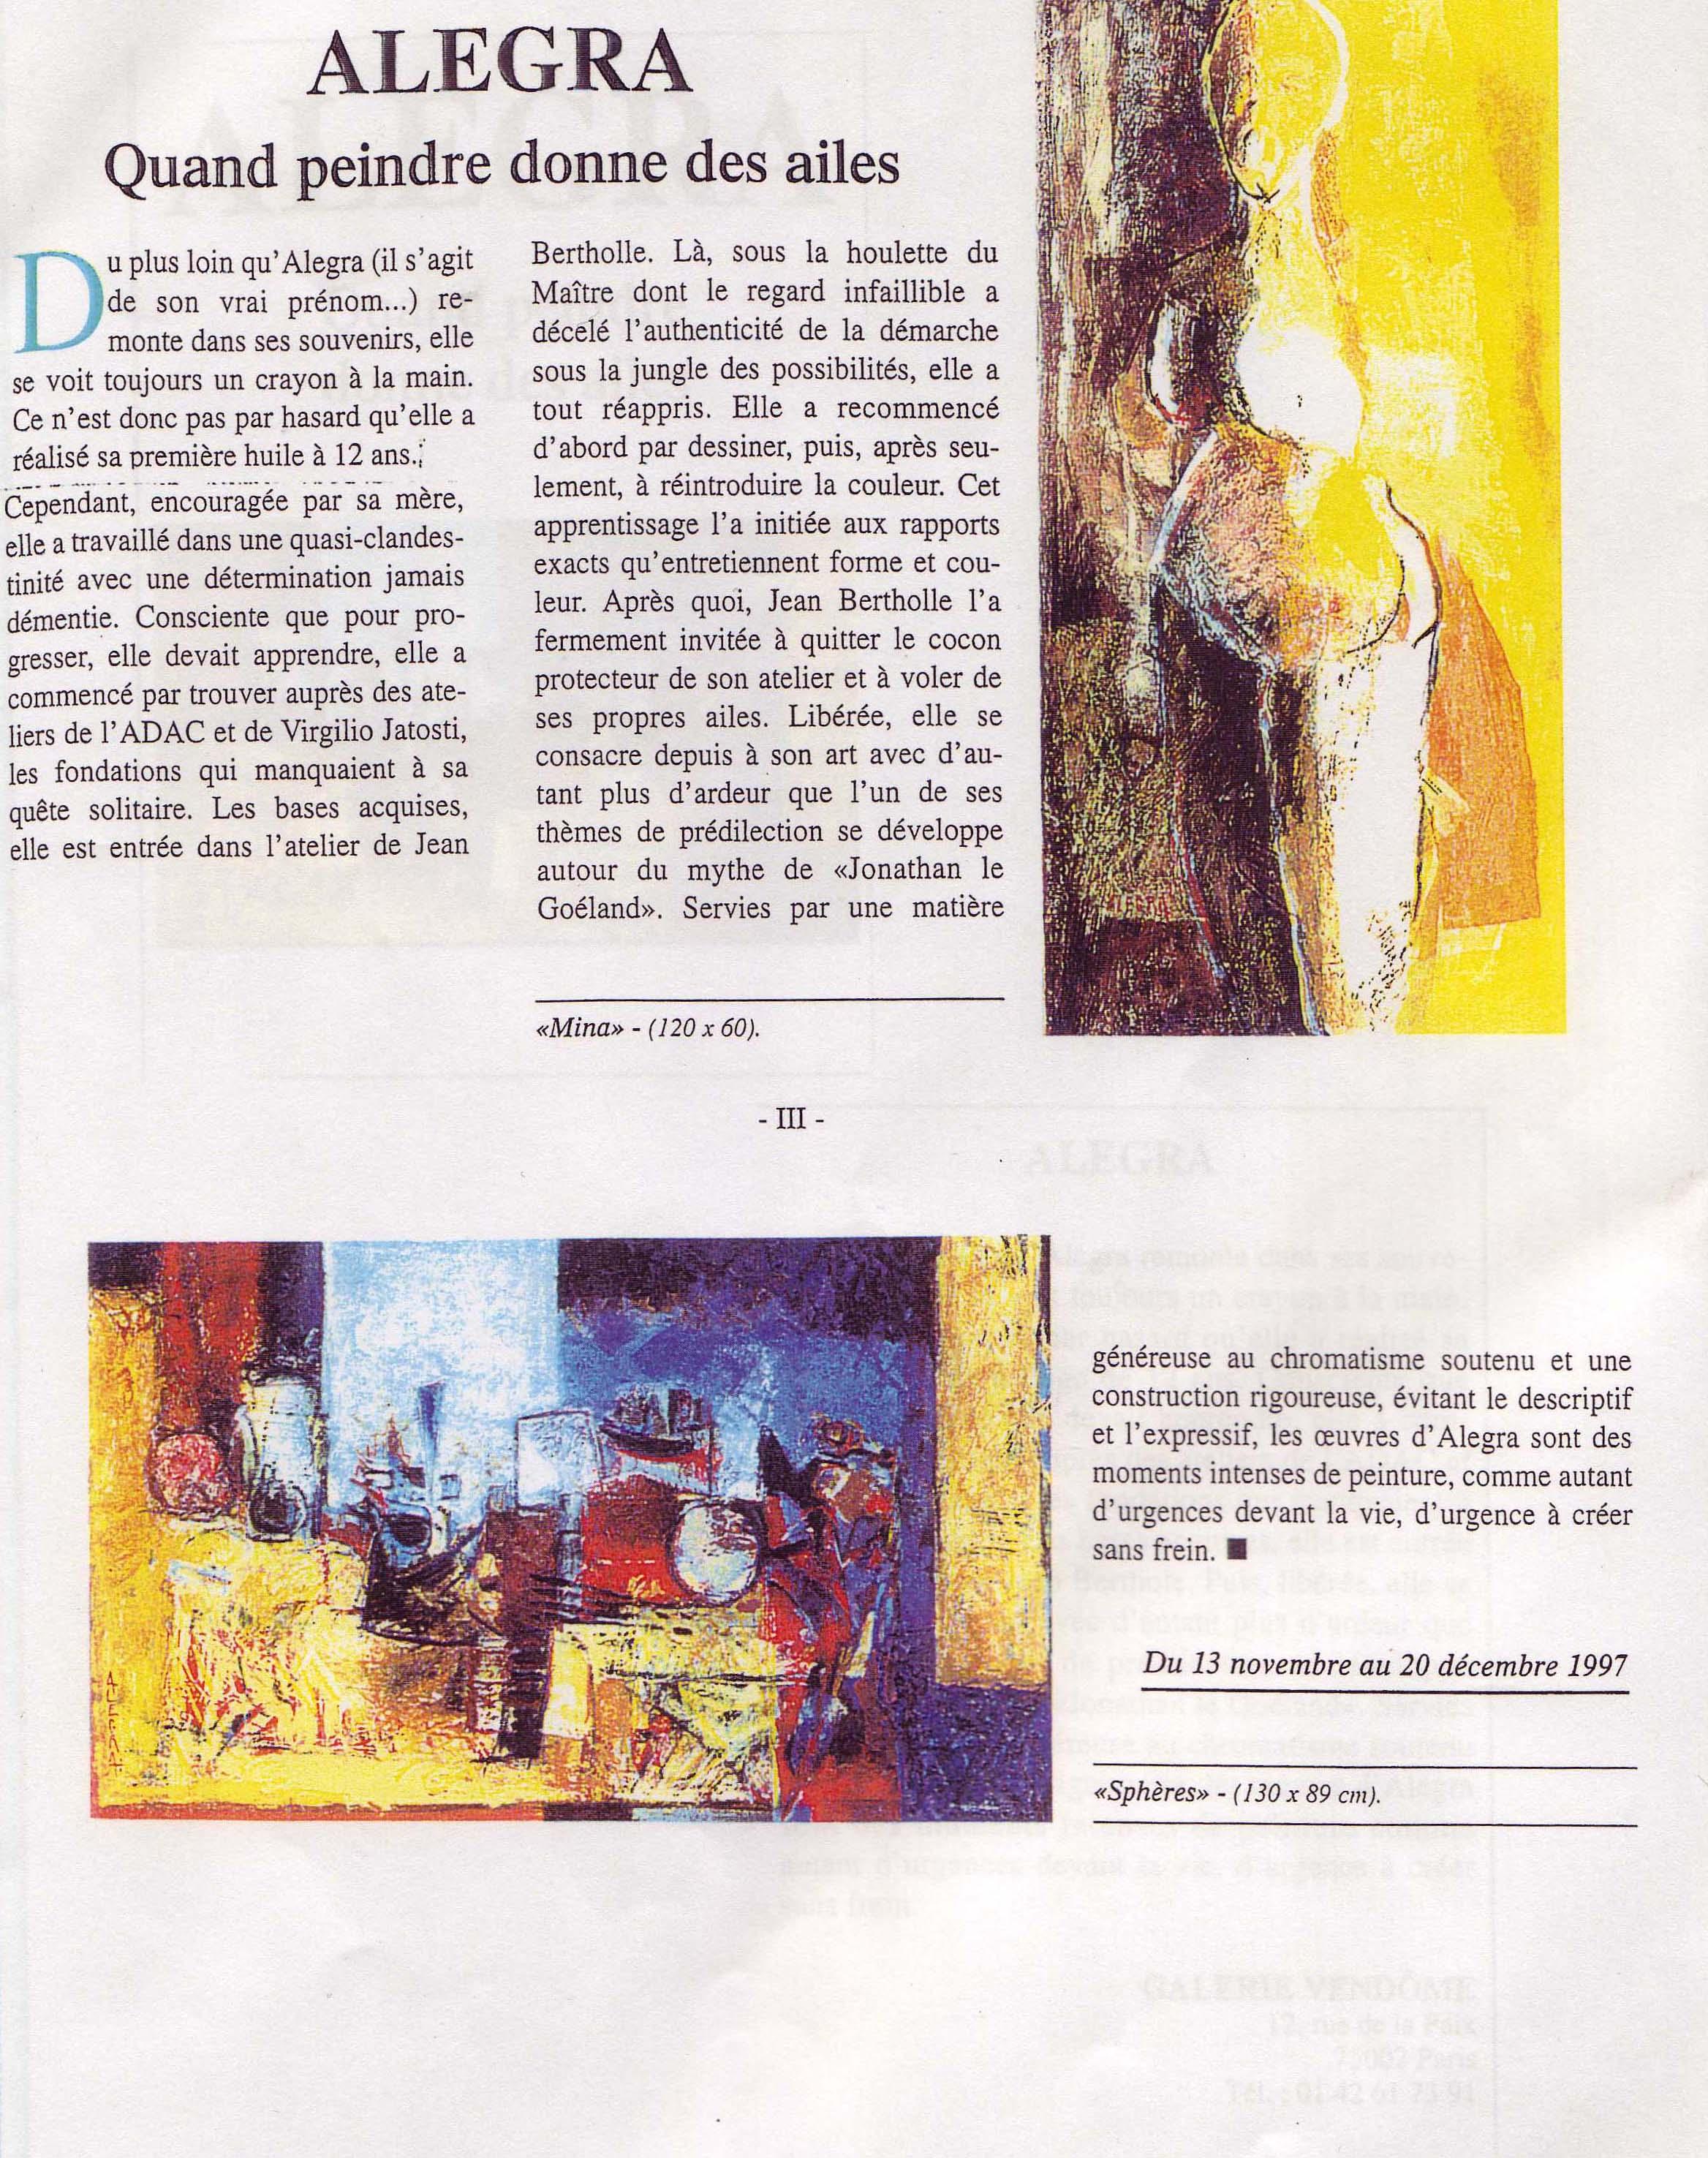 vendôme 1997